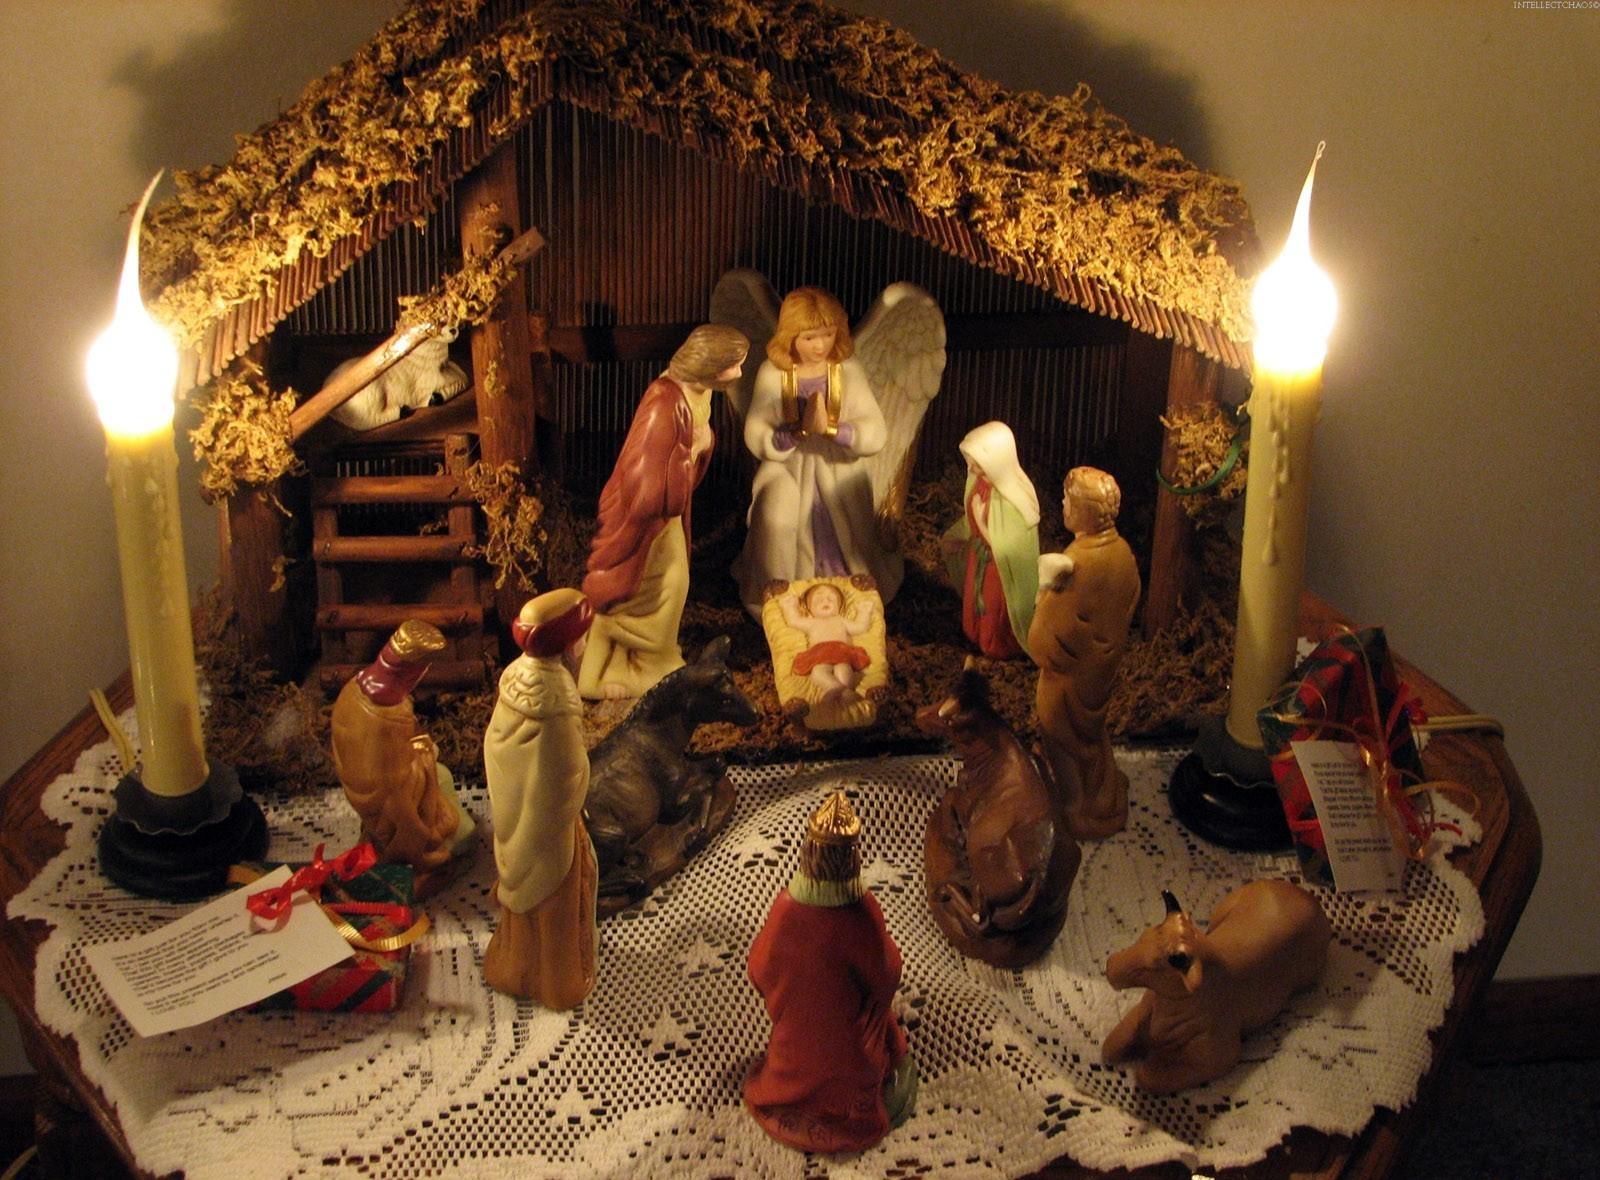 Картинки с рождественским вертепом, день рождения торт